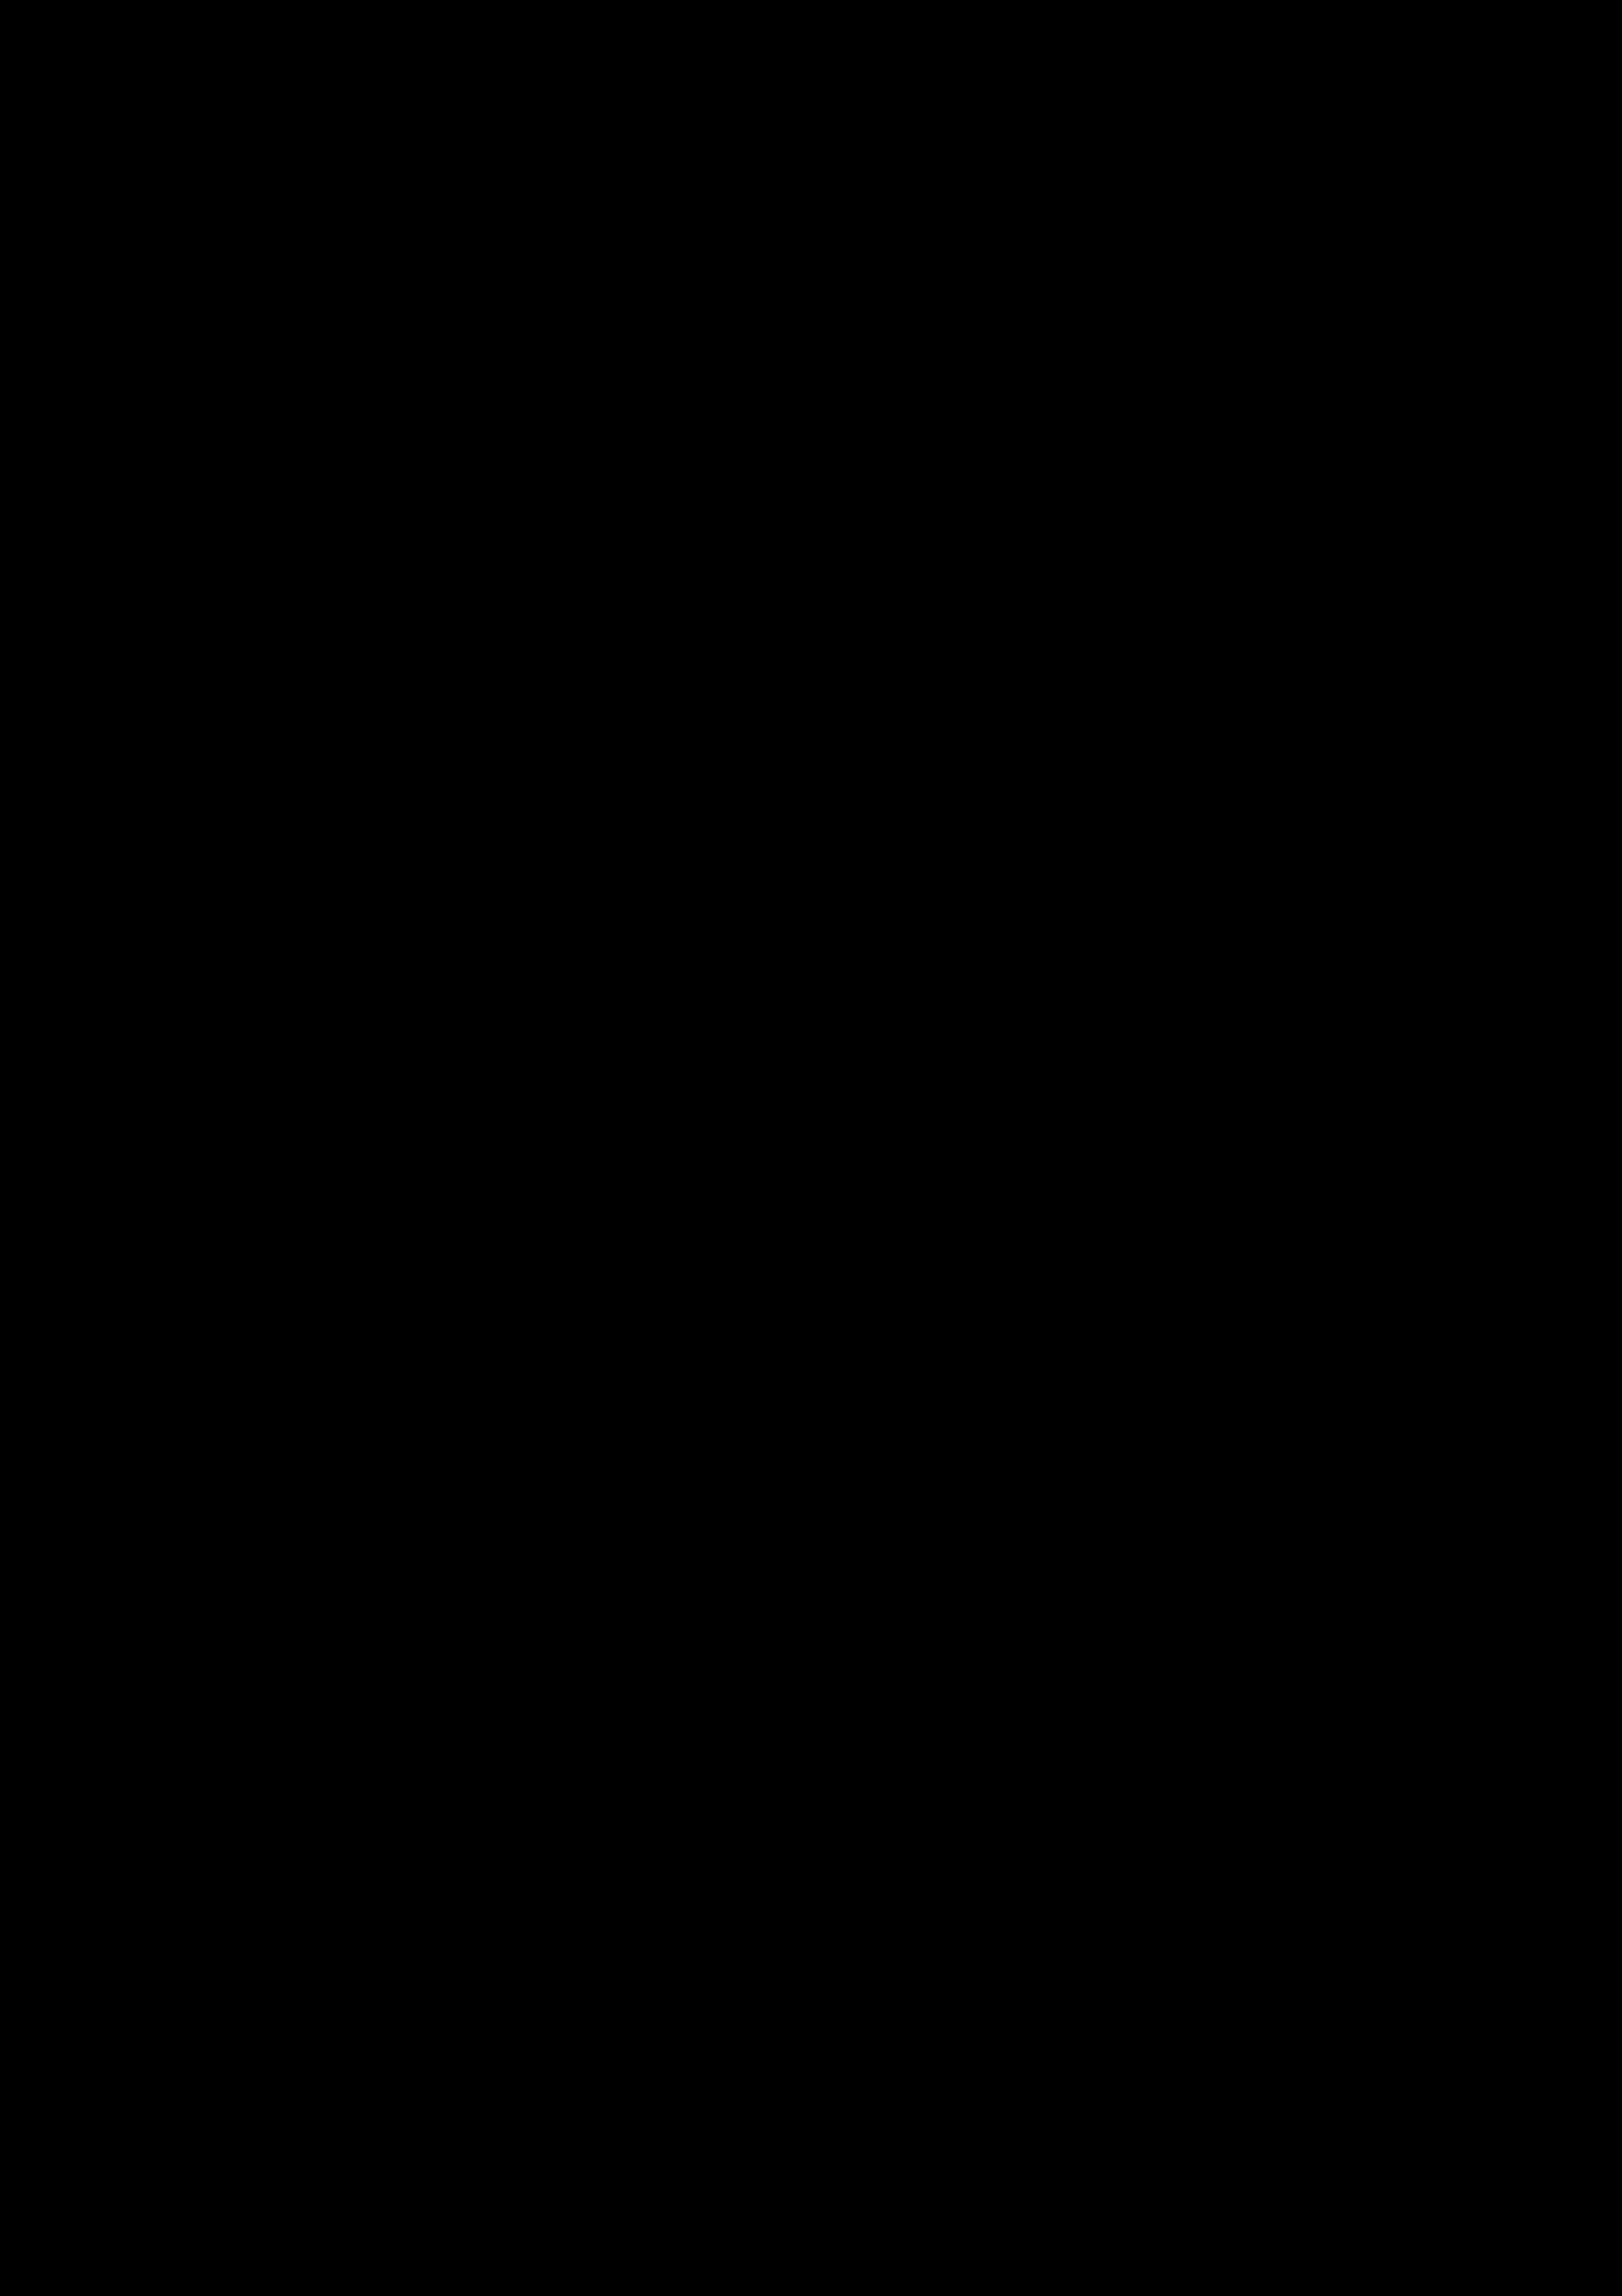 Boomboxflyer2.jpg